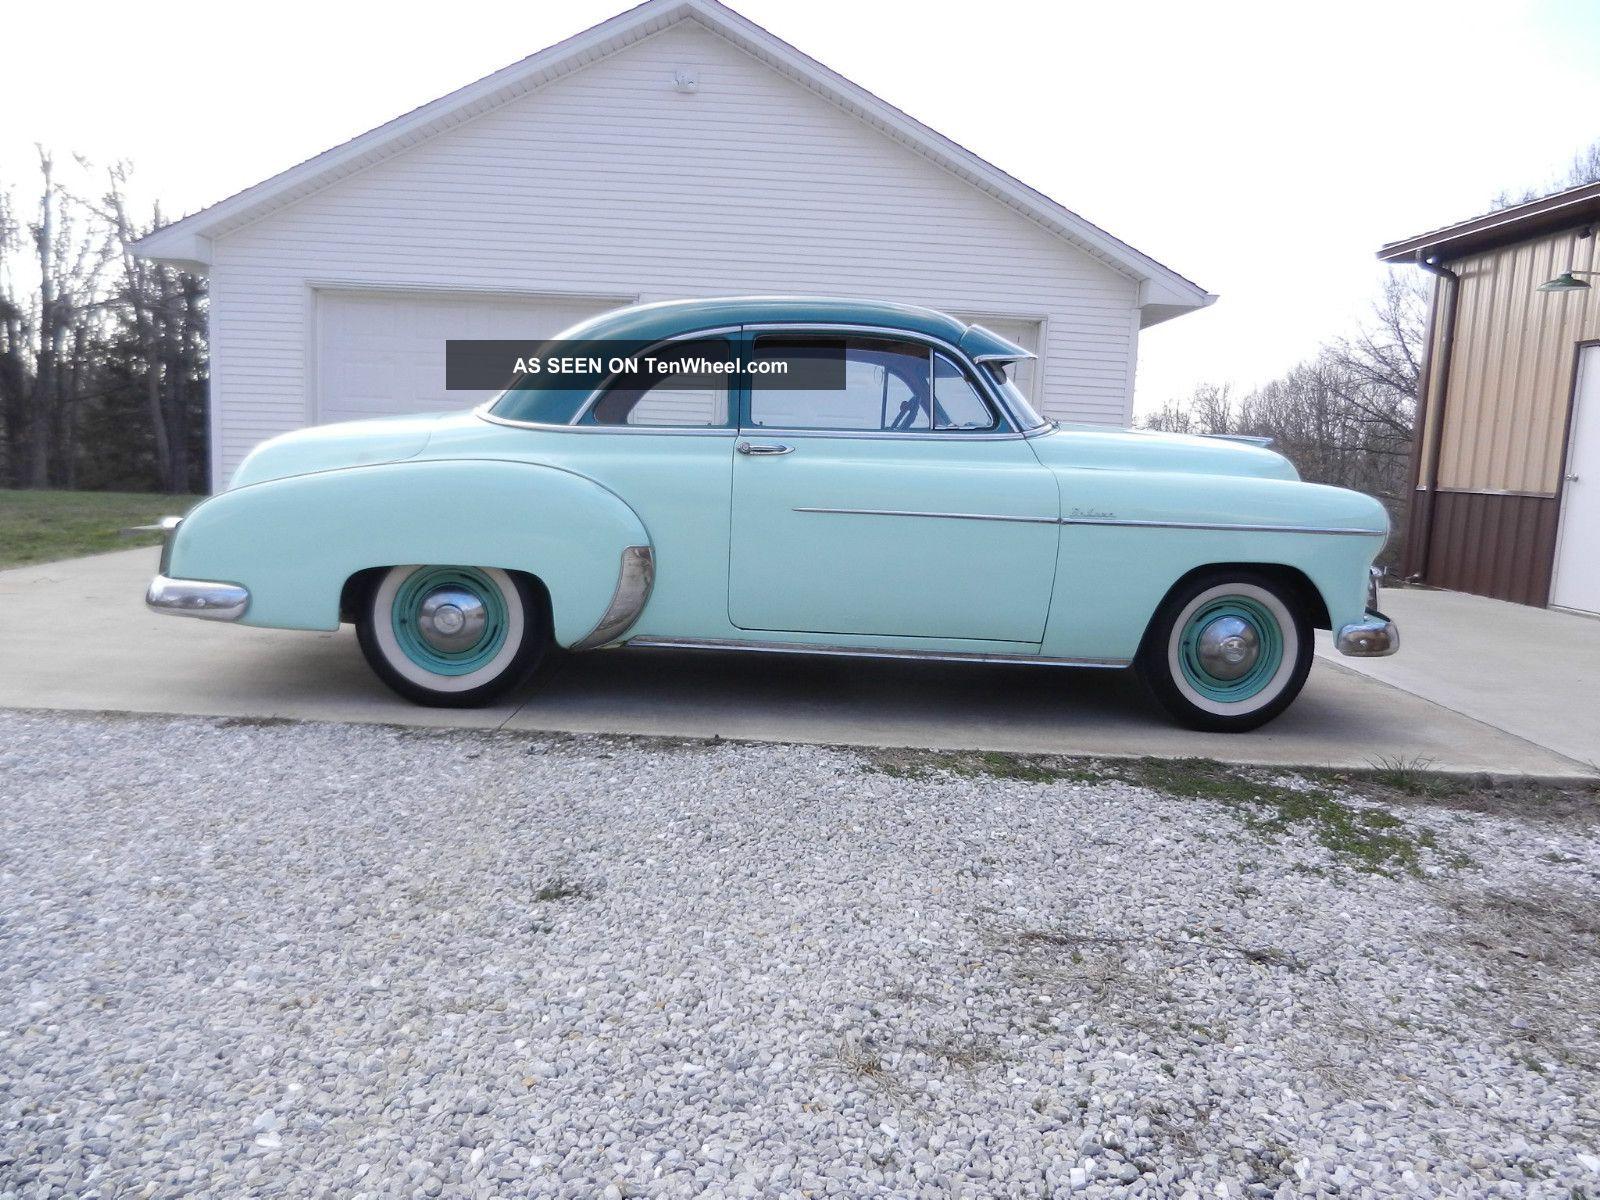 Streamingadzcom 1950 chevrolet 2 door coupe for sale for 1950 chevrolet 2 door hardtop